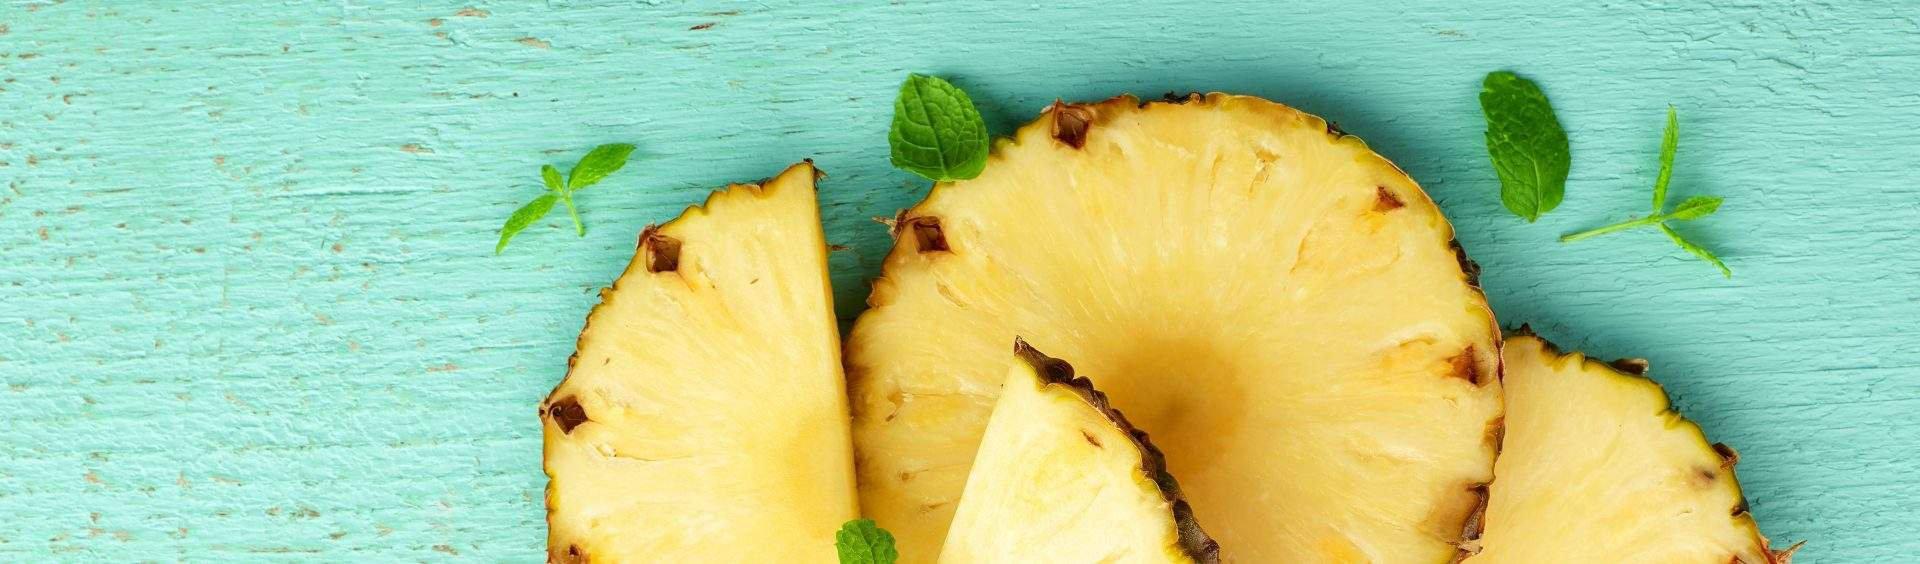 abacaxi chá de casca de abacaxi